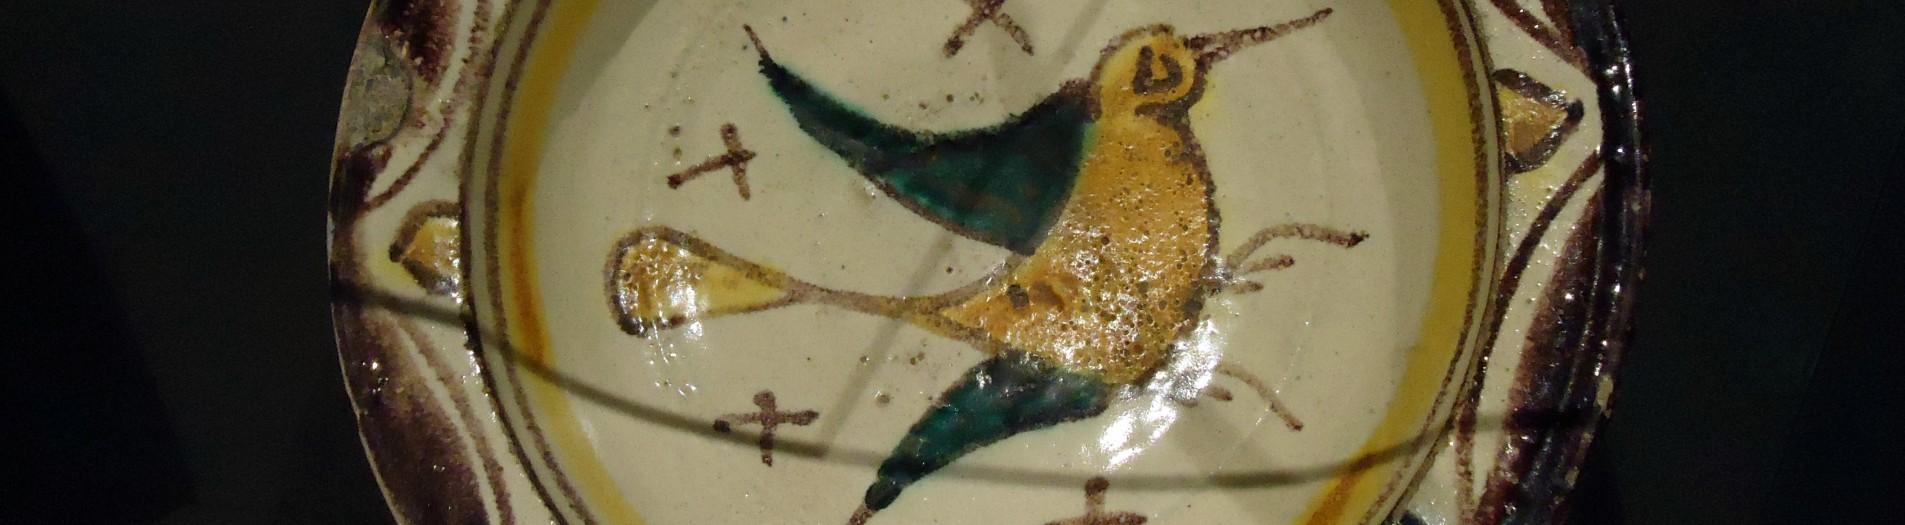 L'histoire de la céramique et de la poterie en Tunisie